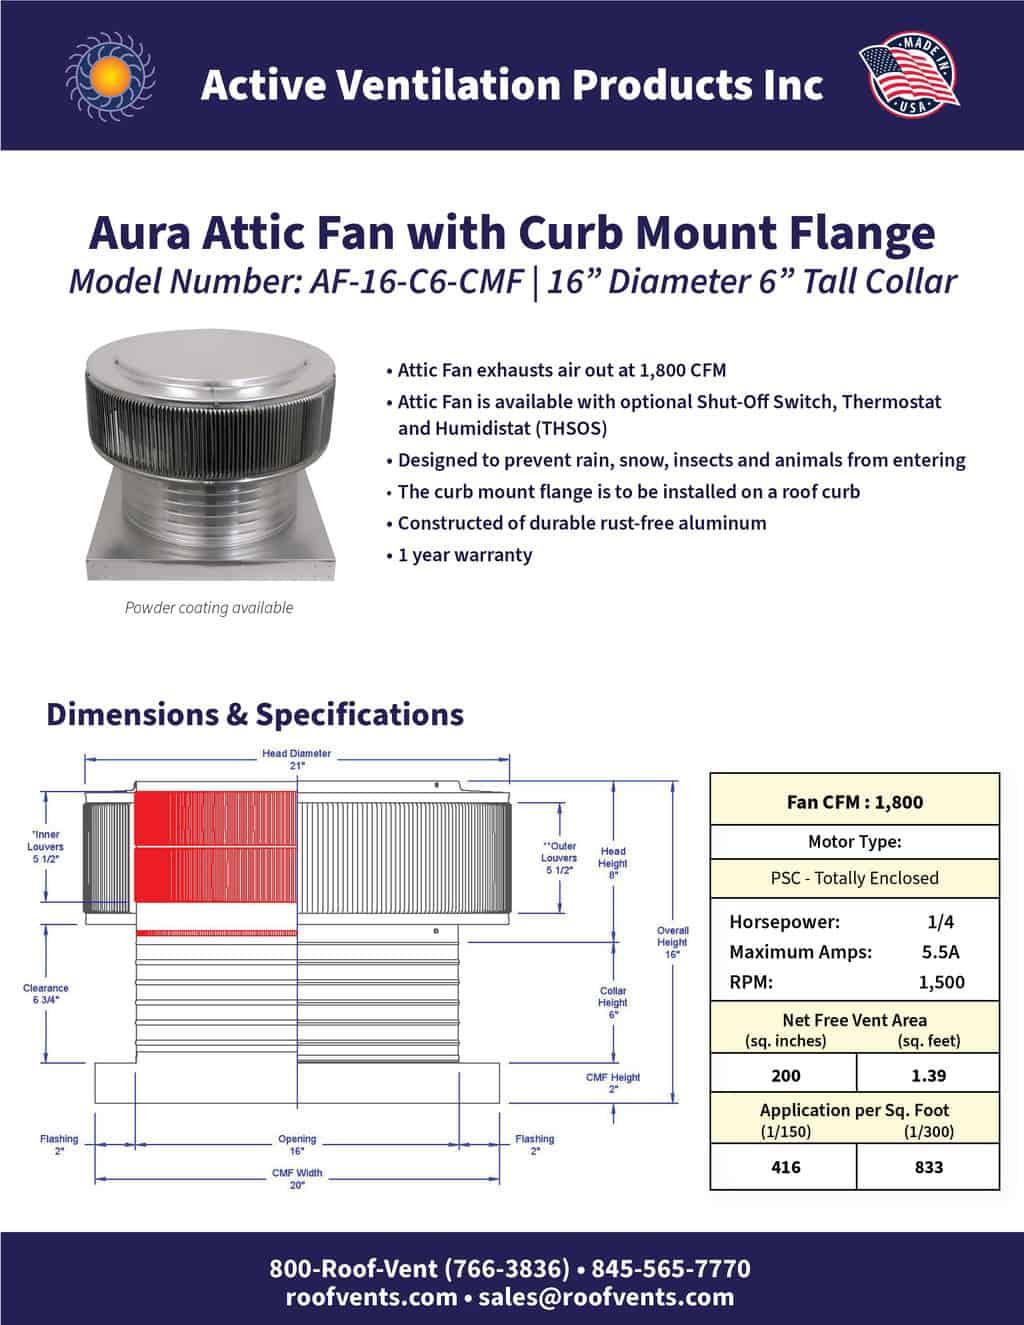 AF-16-C6-CMF-brochure An Exhaust Attic Fan